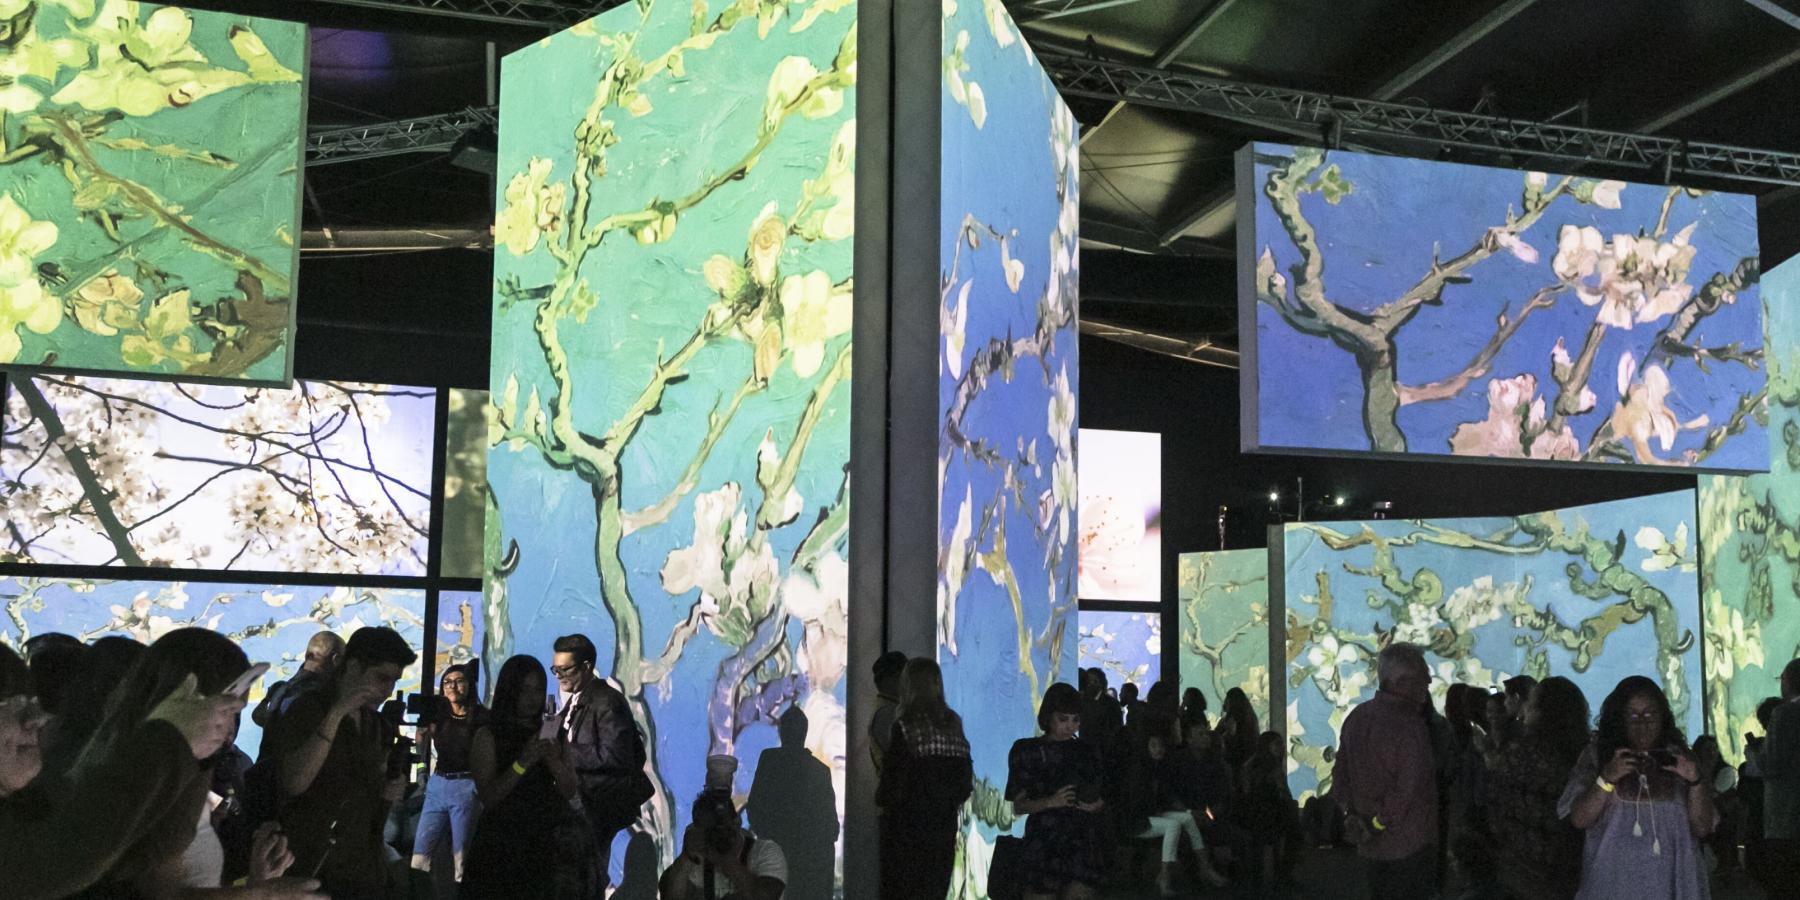 El artista y la expo siguen vigentes en YEMA